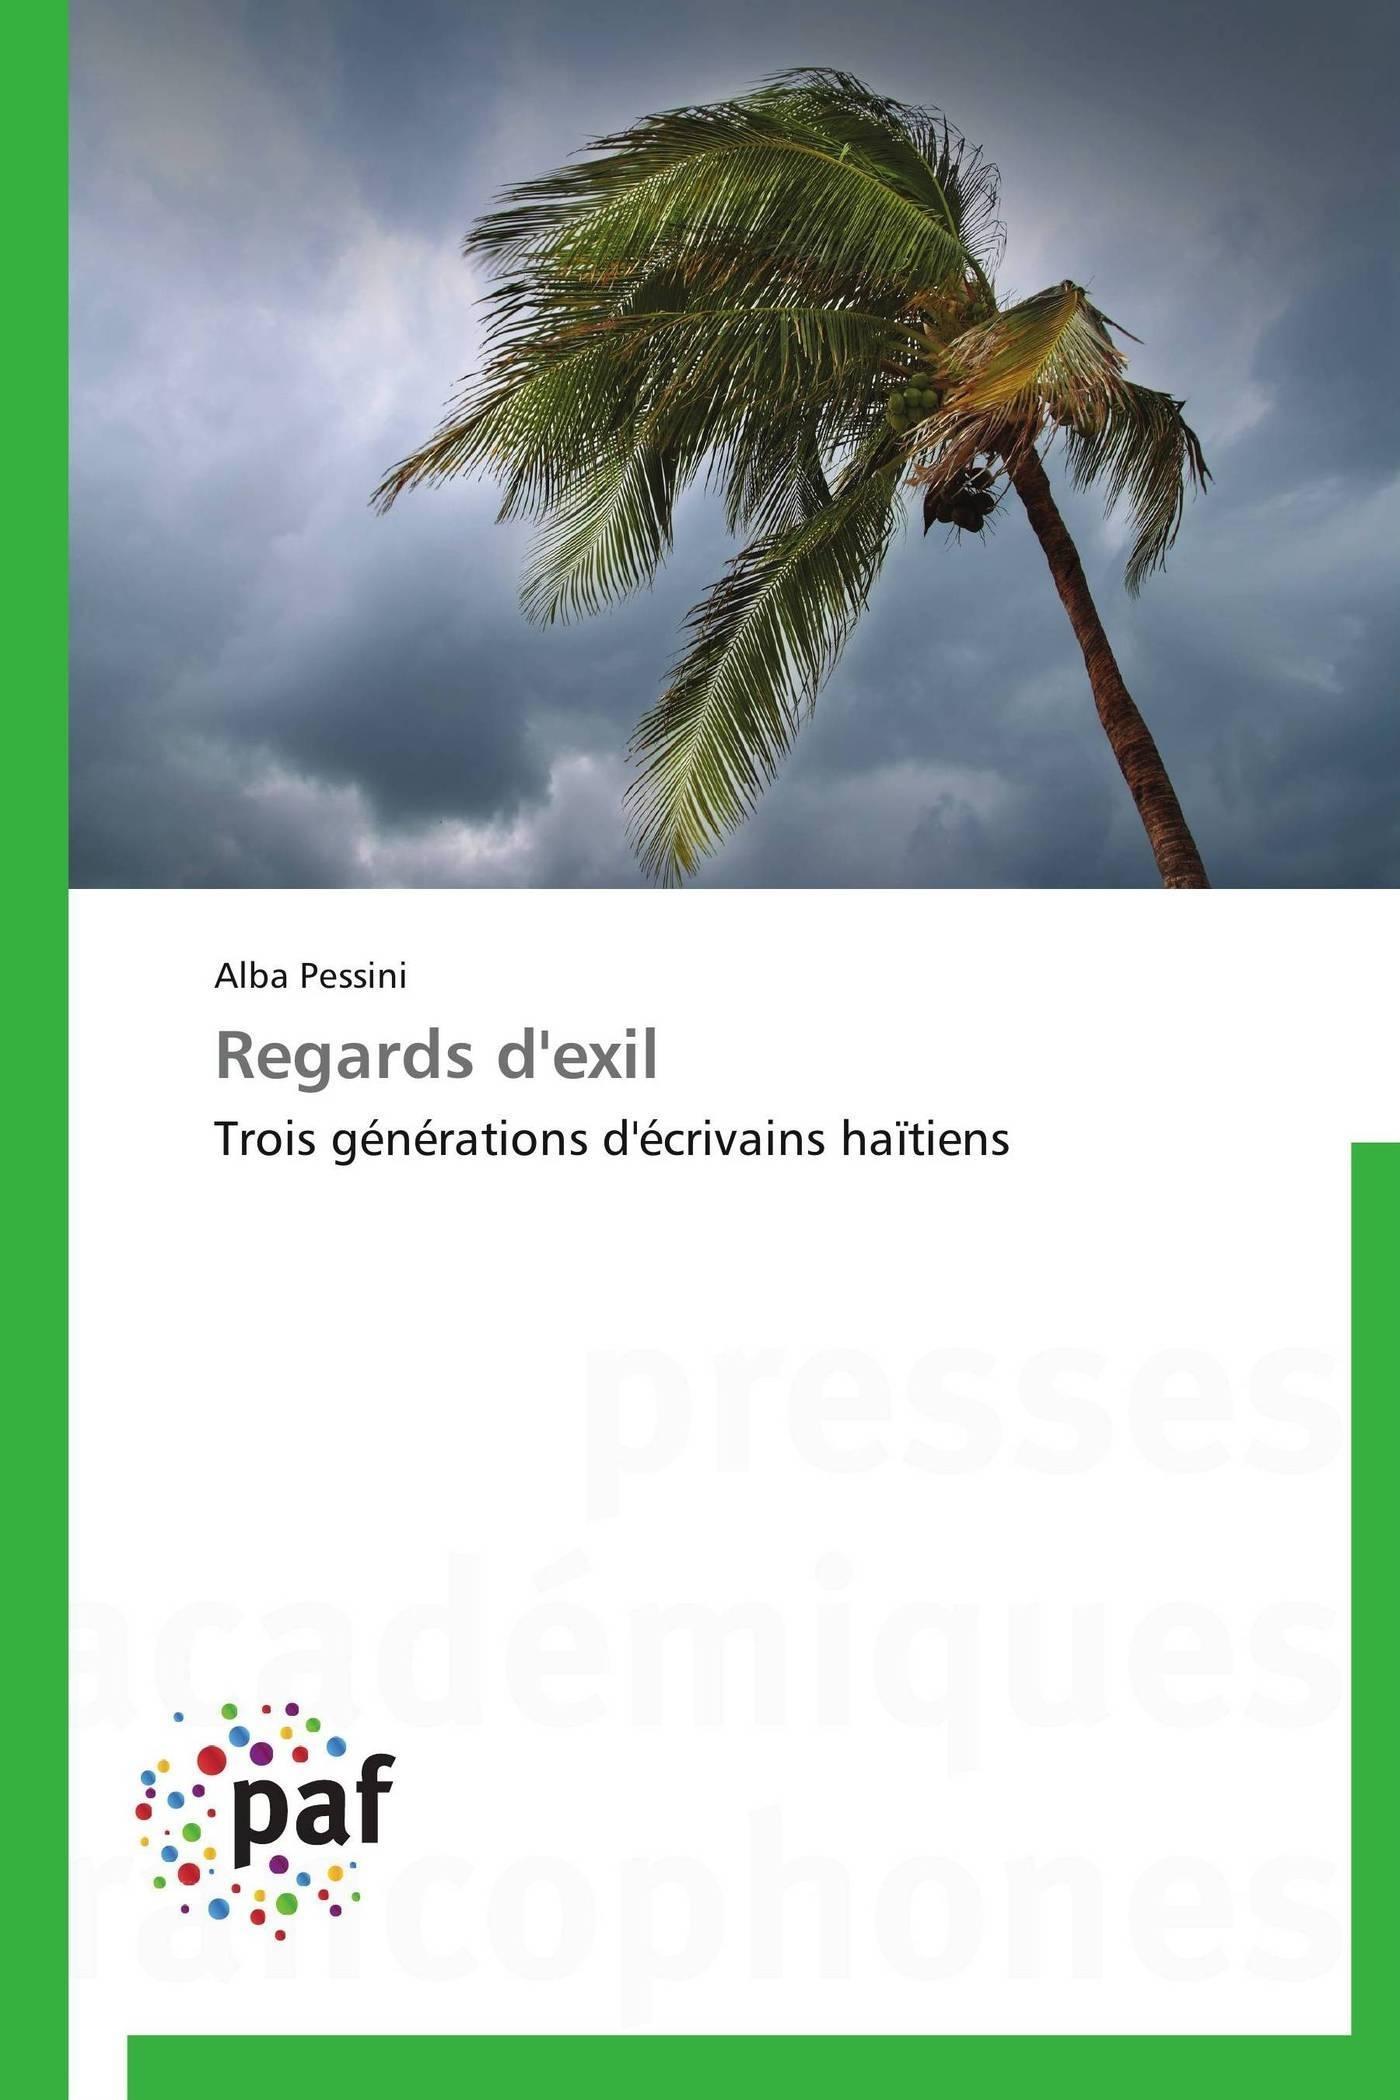 REGARDS D'EXIL